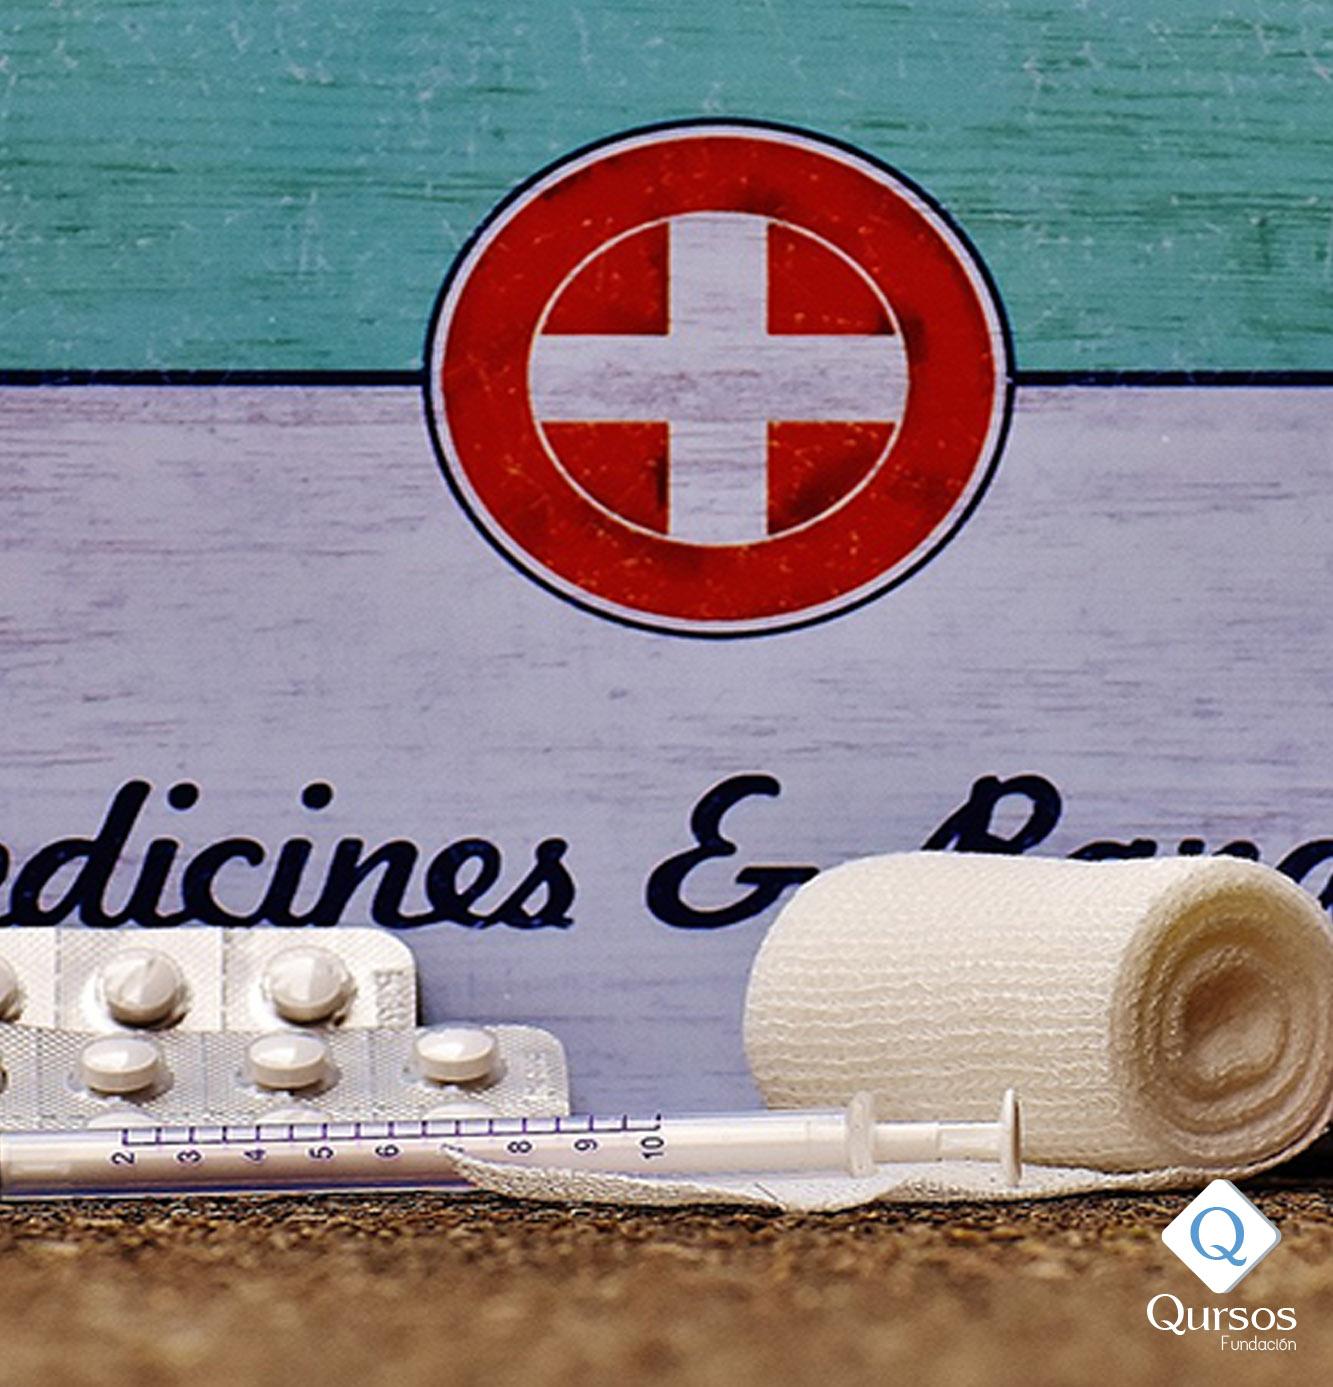 Primeros auxilios: nociones básicas